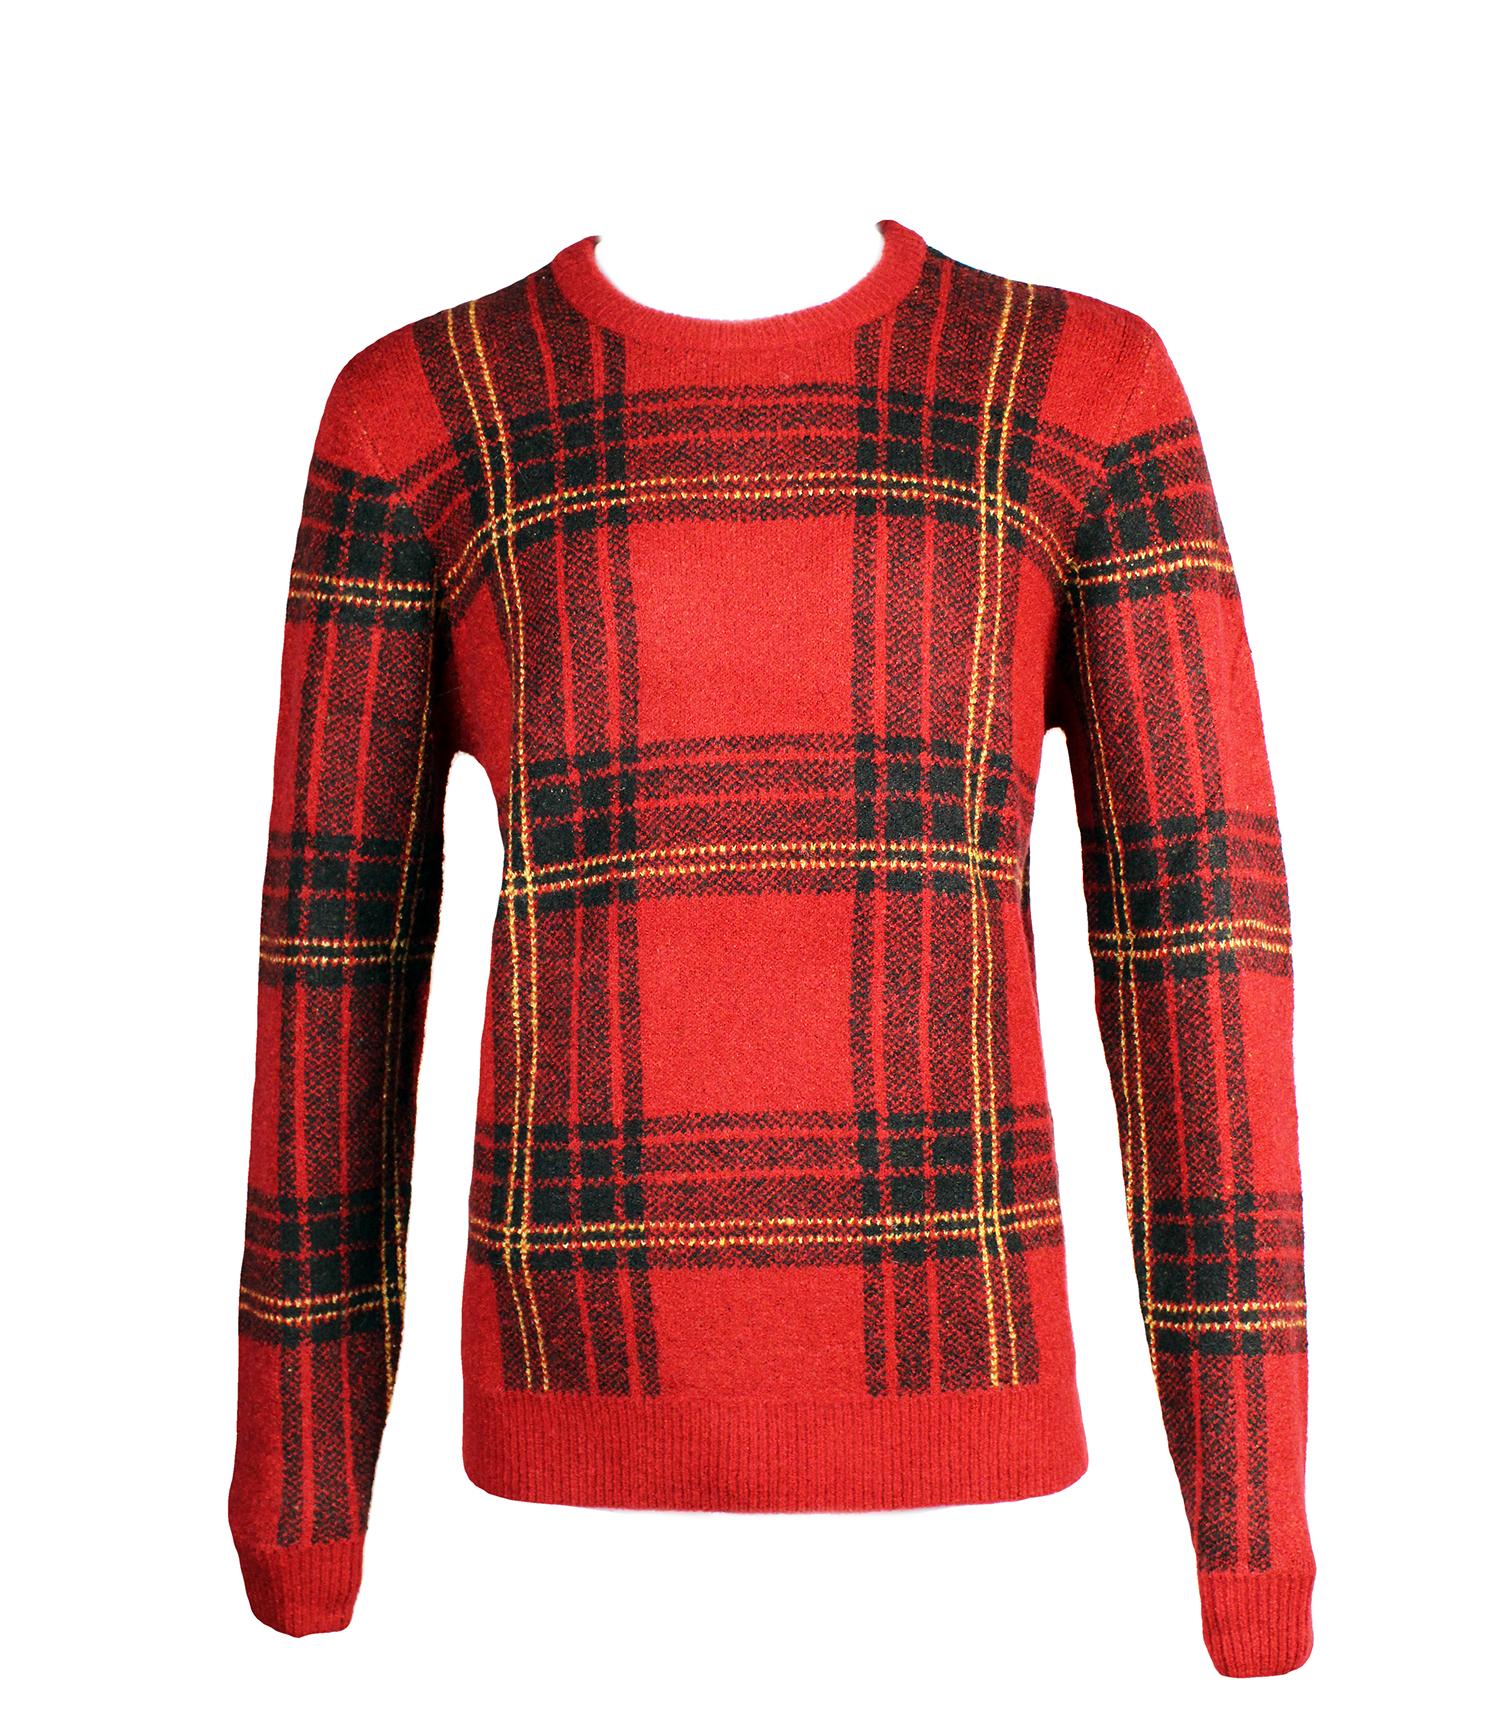 Jersey estampado escocés 23.11.20 - 28.11.20